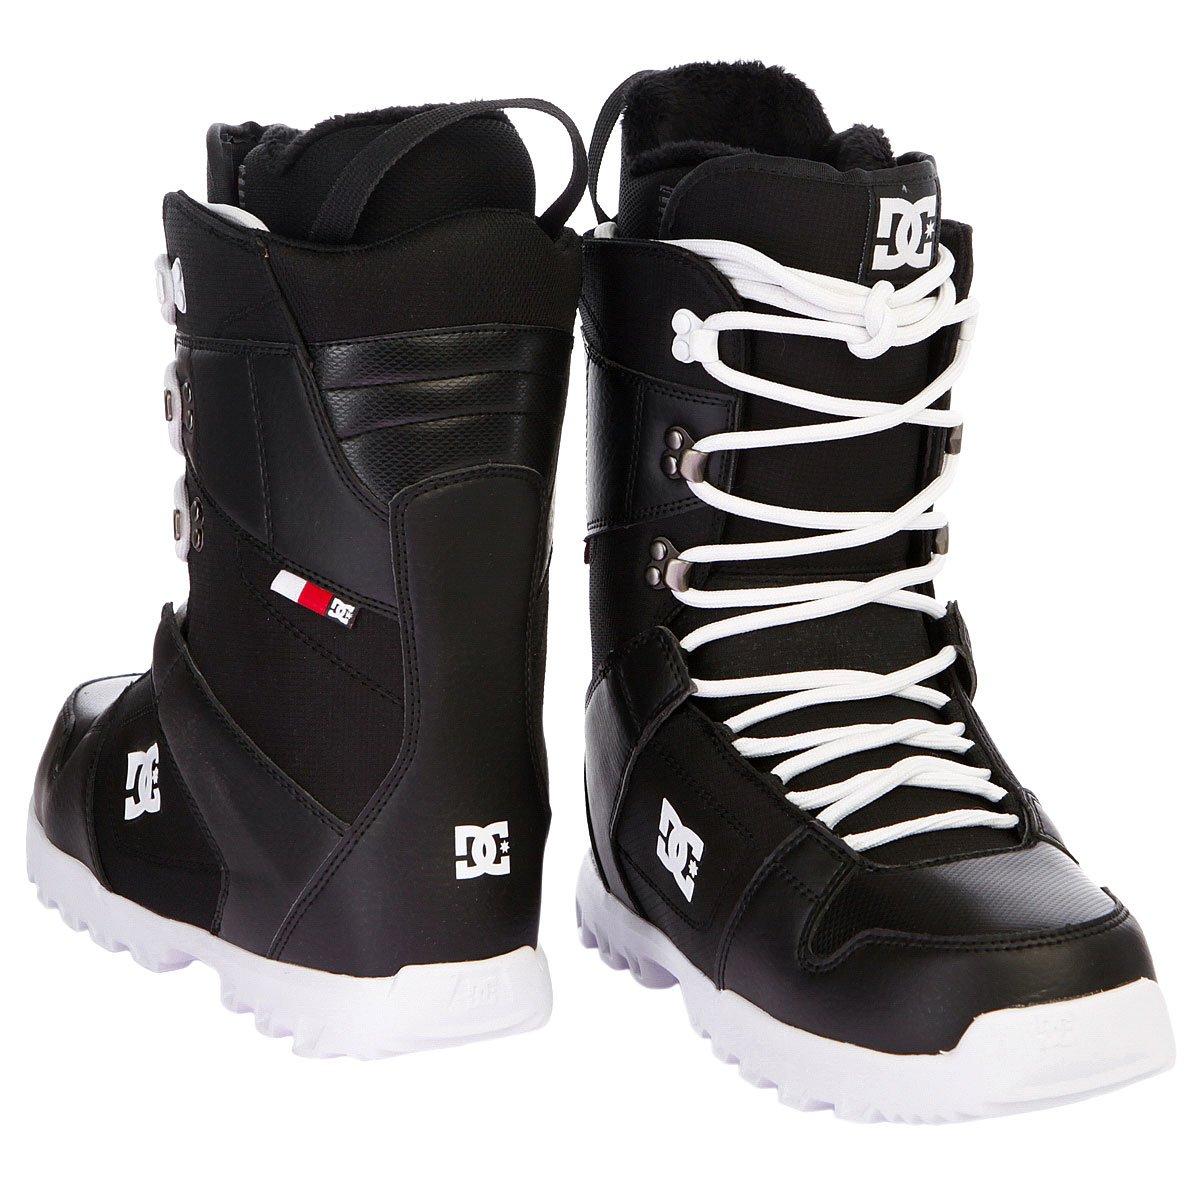 be7847bb232a Купить ботинки для сноуборда DC Phase 15 Black (ADYO200013) в ...